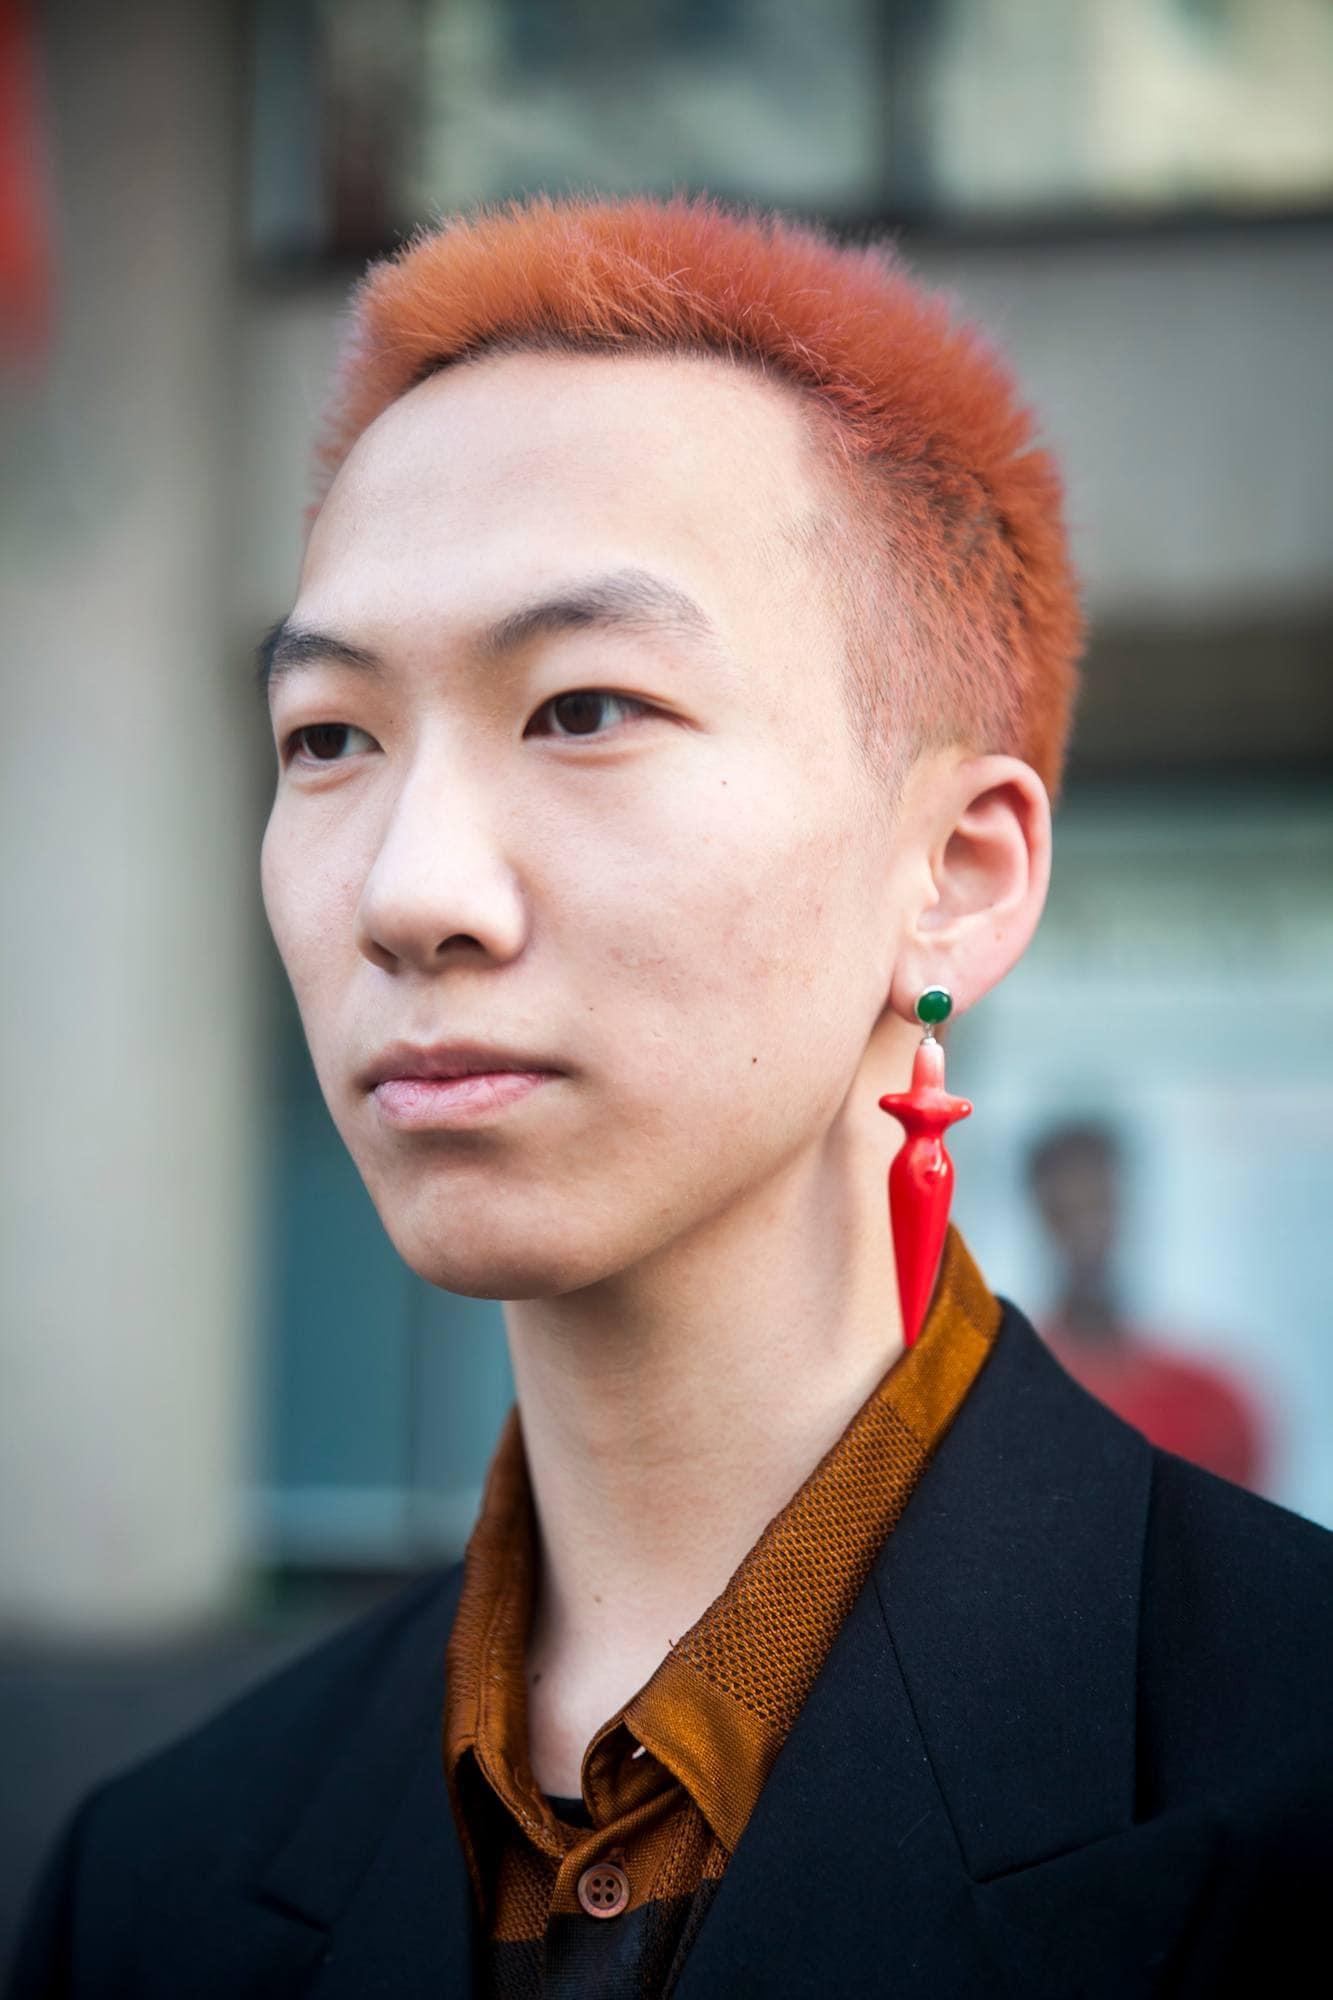 33 Warna Rambut Pria Yang Bakal Populer Sepanjang 2020 Coba Guys